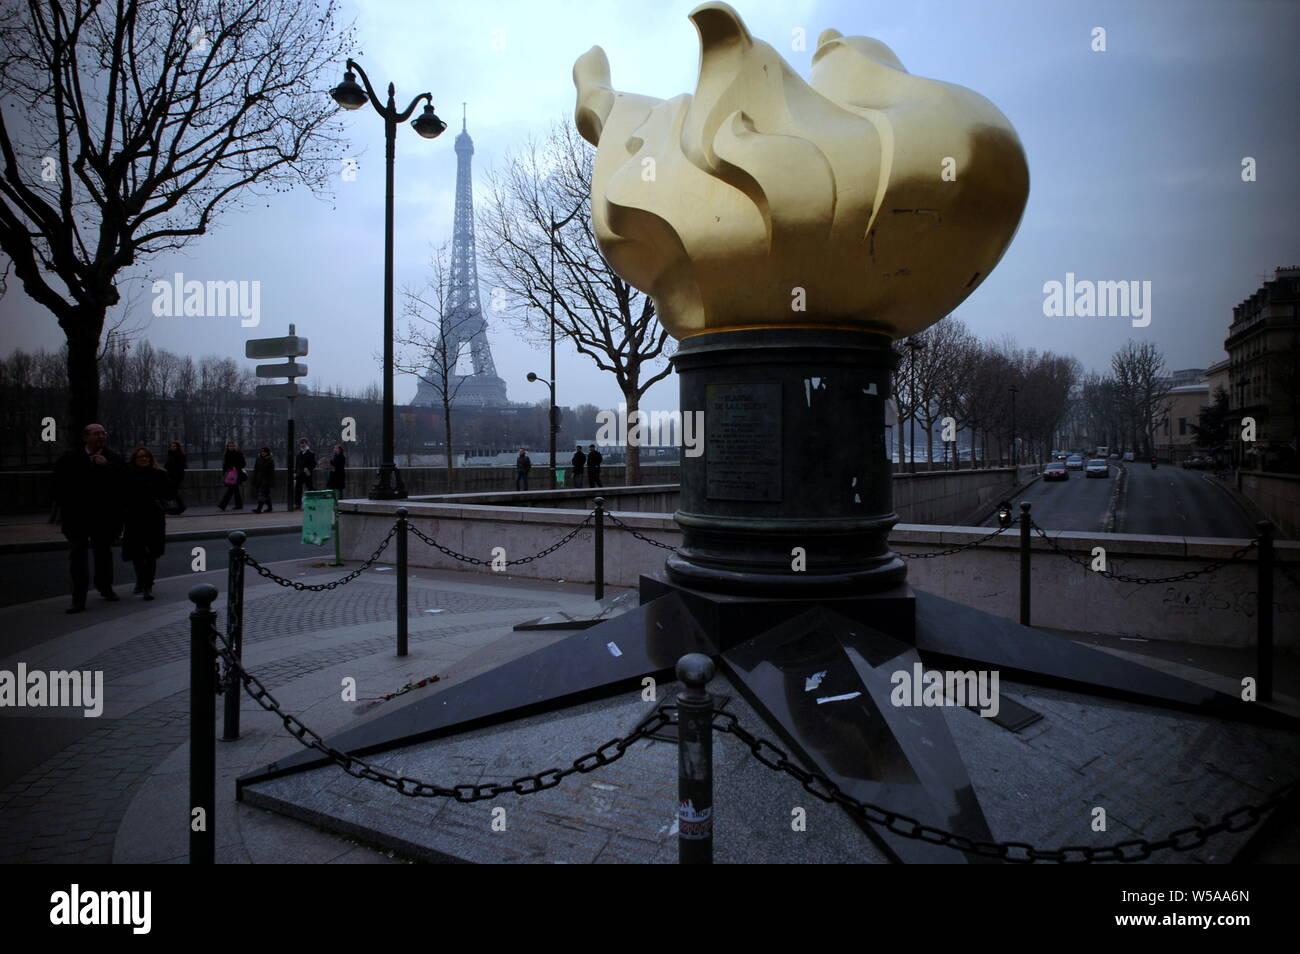 PARIS - El FLAM DE LIBERTAD PONT DE L'Alma, UNA REPRODUCCIÓN DE LA FLAM DE LA ESTATUA DE LA LIBERTAD AL MISMO TAMAÑO DADO POR LA americana gracias al pueblo francés obras de restauración en 1986 - Después de un trágico accidente en el 31 de agosto de 1997, Diana Spencer murió CERCA DE ESTA SATUE CONSIDERADA DESPUÉS POR SUS FANS tiene un lugar conmemorativo en París - La muerte de Lady Di en París - VELA EN EL VIENTO POR Elton John - París INVIERNO © Frédéric BEAUMONT Foto de stock